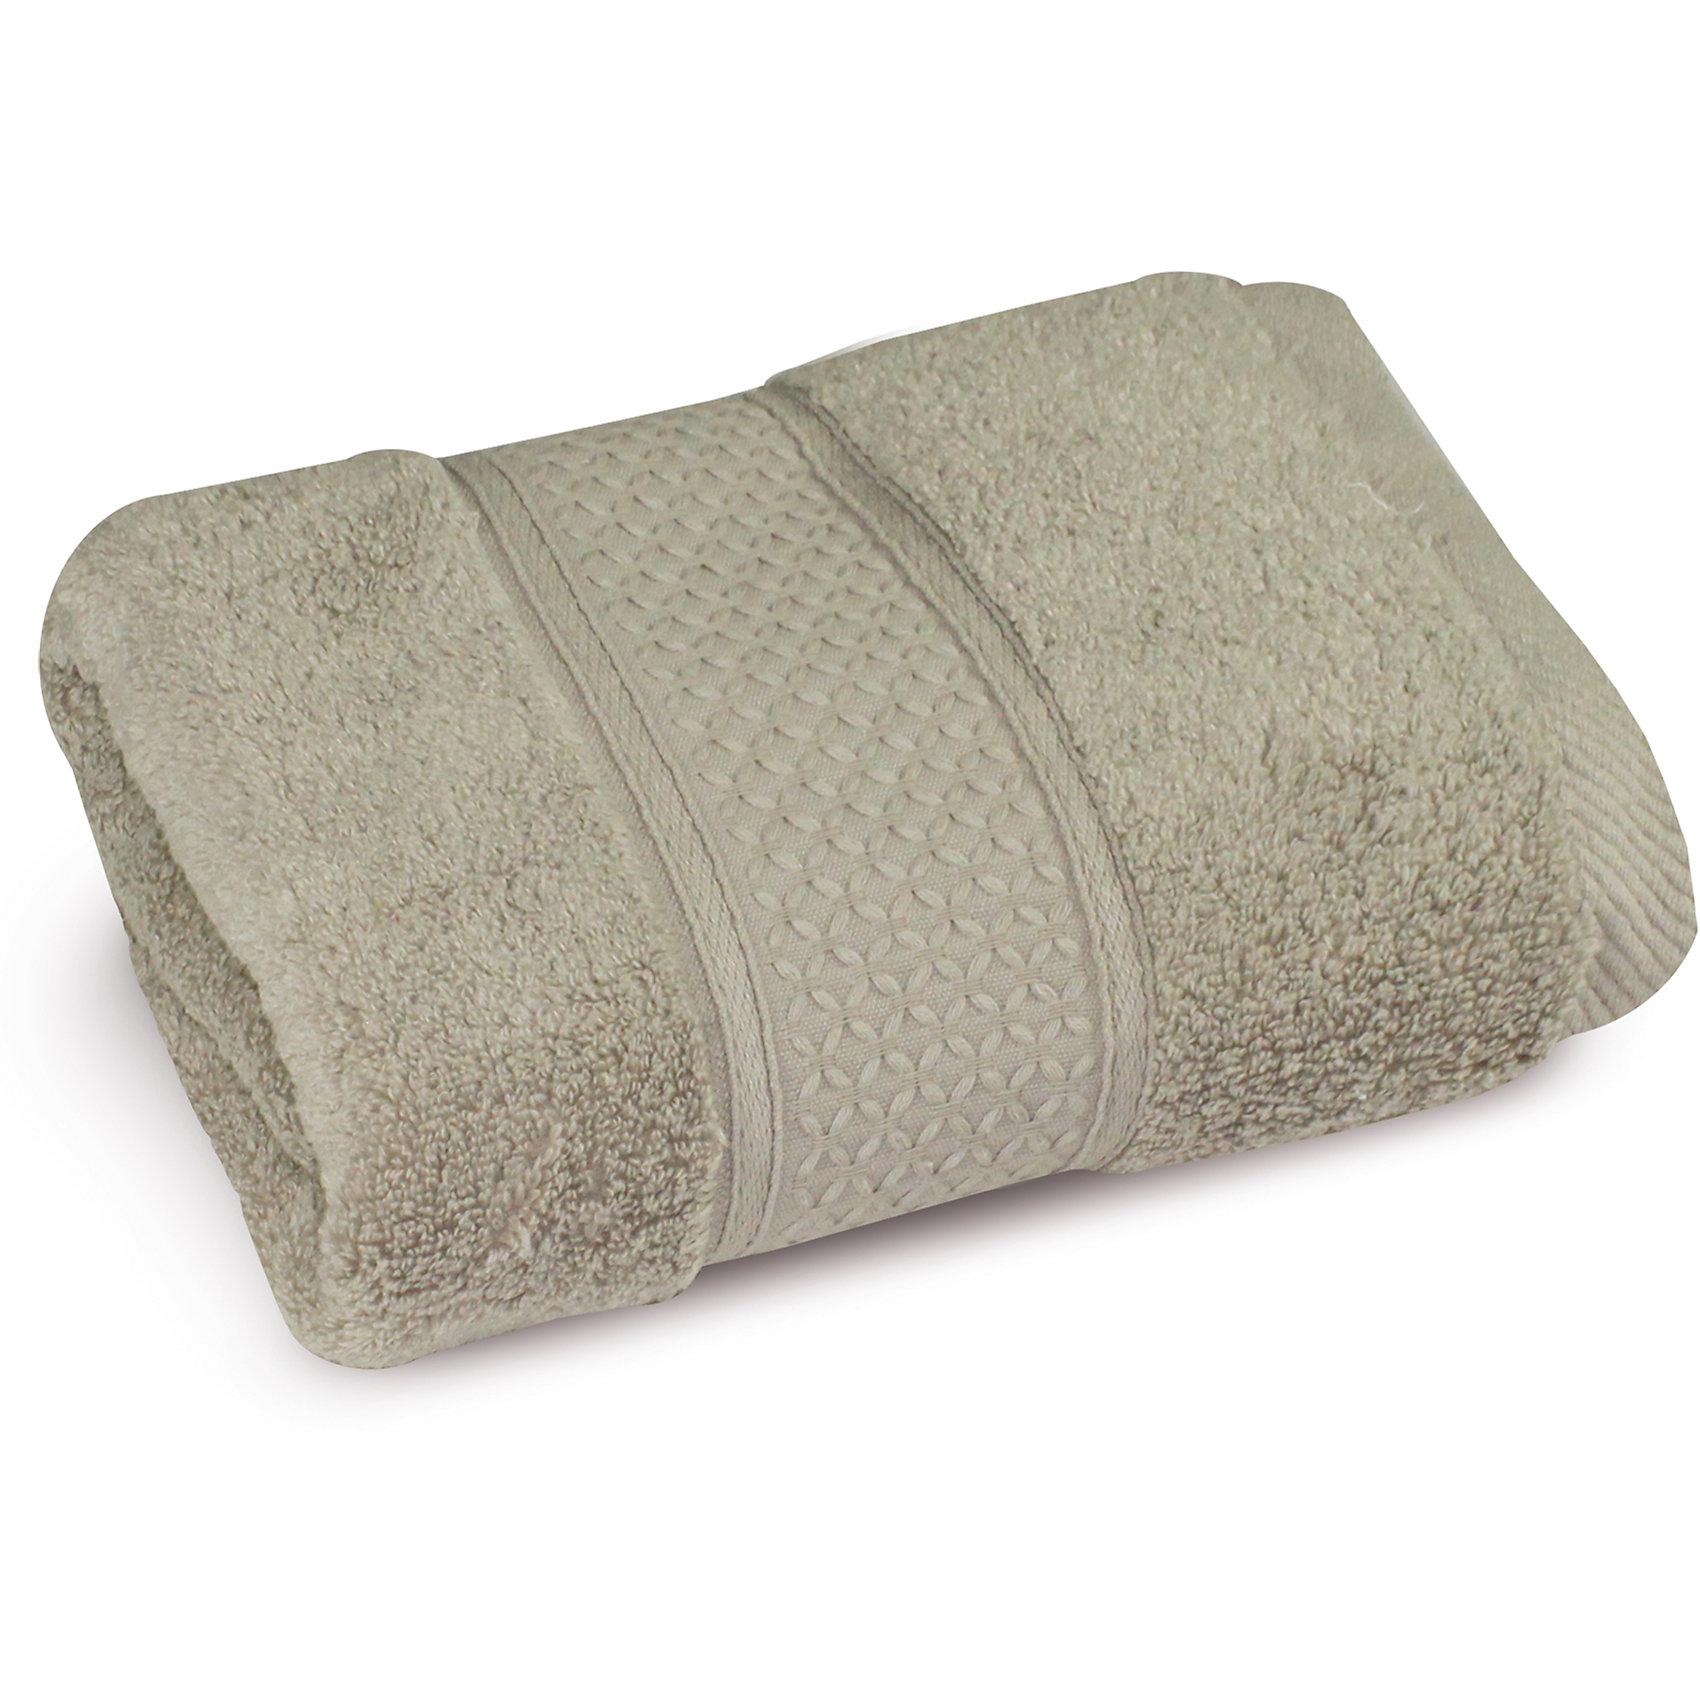 Полотенце махровое 70*140, Cozy Home, серыйВанная комната<br>Полотенце махровое 70*140, Cozy Home (Кози Хоум), серый<br><br>Характеристики:<br><br>• мягкое полотенце, приятное на ощупь<br>• хорошо впитывает влагу<br>• легко стирать<br>• материал: хлопок<br>• размер: 70х140 см<br>• цвет: серый<br><br>Банное полотенце от Cozy Home - прекрасный выбор для ценителей комфорта и качества. Полотенца выполнено из мягких хлопковых волокон, не вызывающих раздражения на коже. Полотенце отлично подойдет как детям, так и взрослым. После длительного использования полотенце не поменяет свой размер и цвет. Главное отличие полотенец из хлопка - хорошая гигроскопичность. Изделие быстро впитает влагу, даря мягкость и уют. Край полотенца декорирован приятной вышивкой в тон основному цвету.<br><br>Полотенце махровое 70*140, Cozy Home (Кози Хоум), серый можно купить в нашем интернет-магазине.<br><br>Ширина мм: 150<br>Глубина мм: 350<br>Высота мм: 150<br>Вес г: 350<br>Возраст от месяцев: 0<br>Возраст до месяцев: 216<br>Пол: Унисекс<br>Возраст: Детский<br>SKU: 5355317